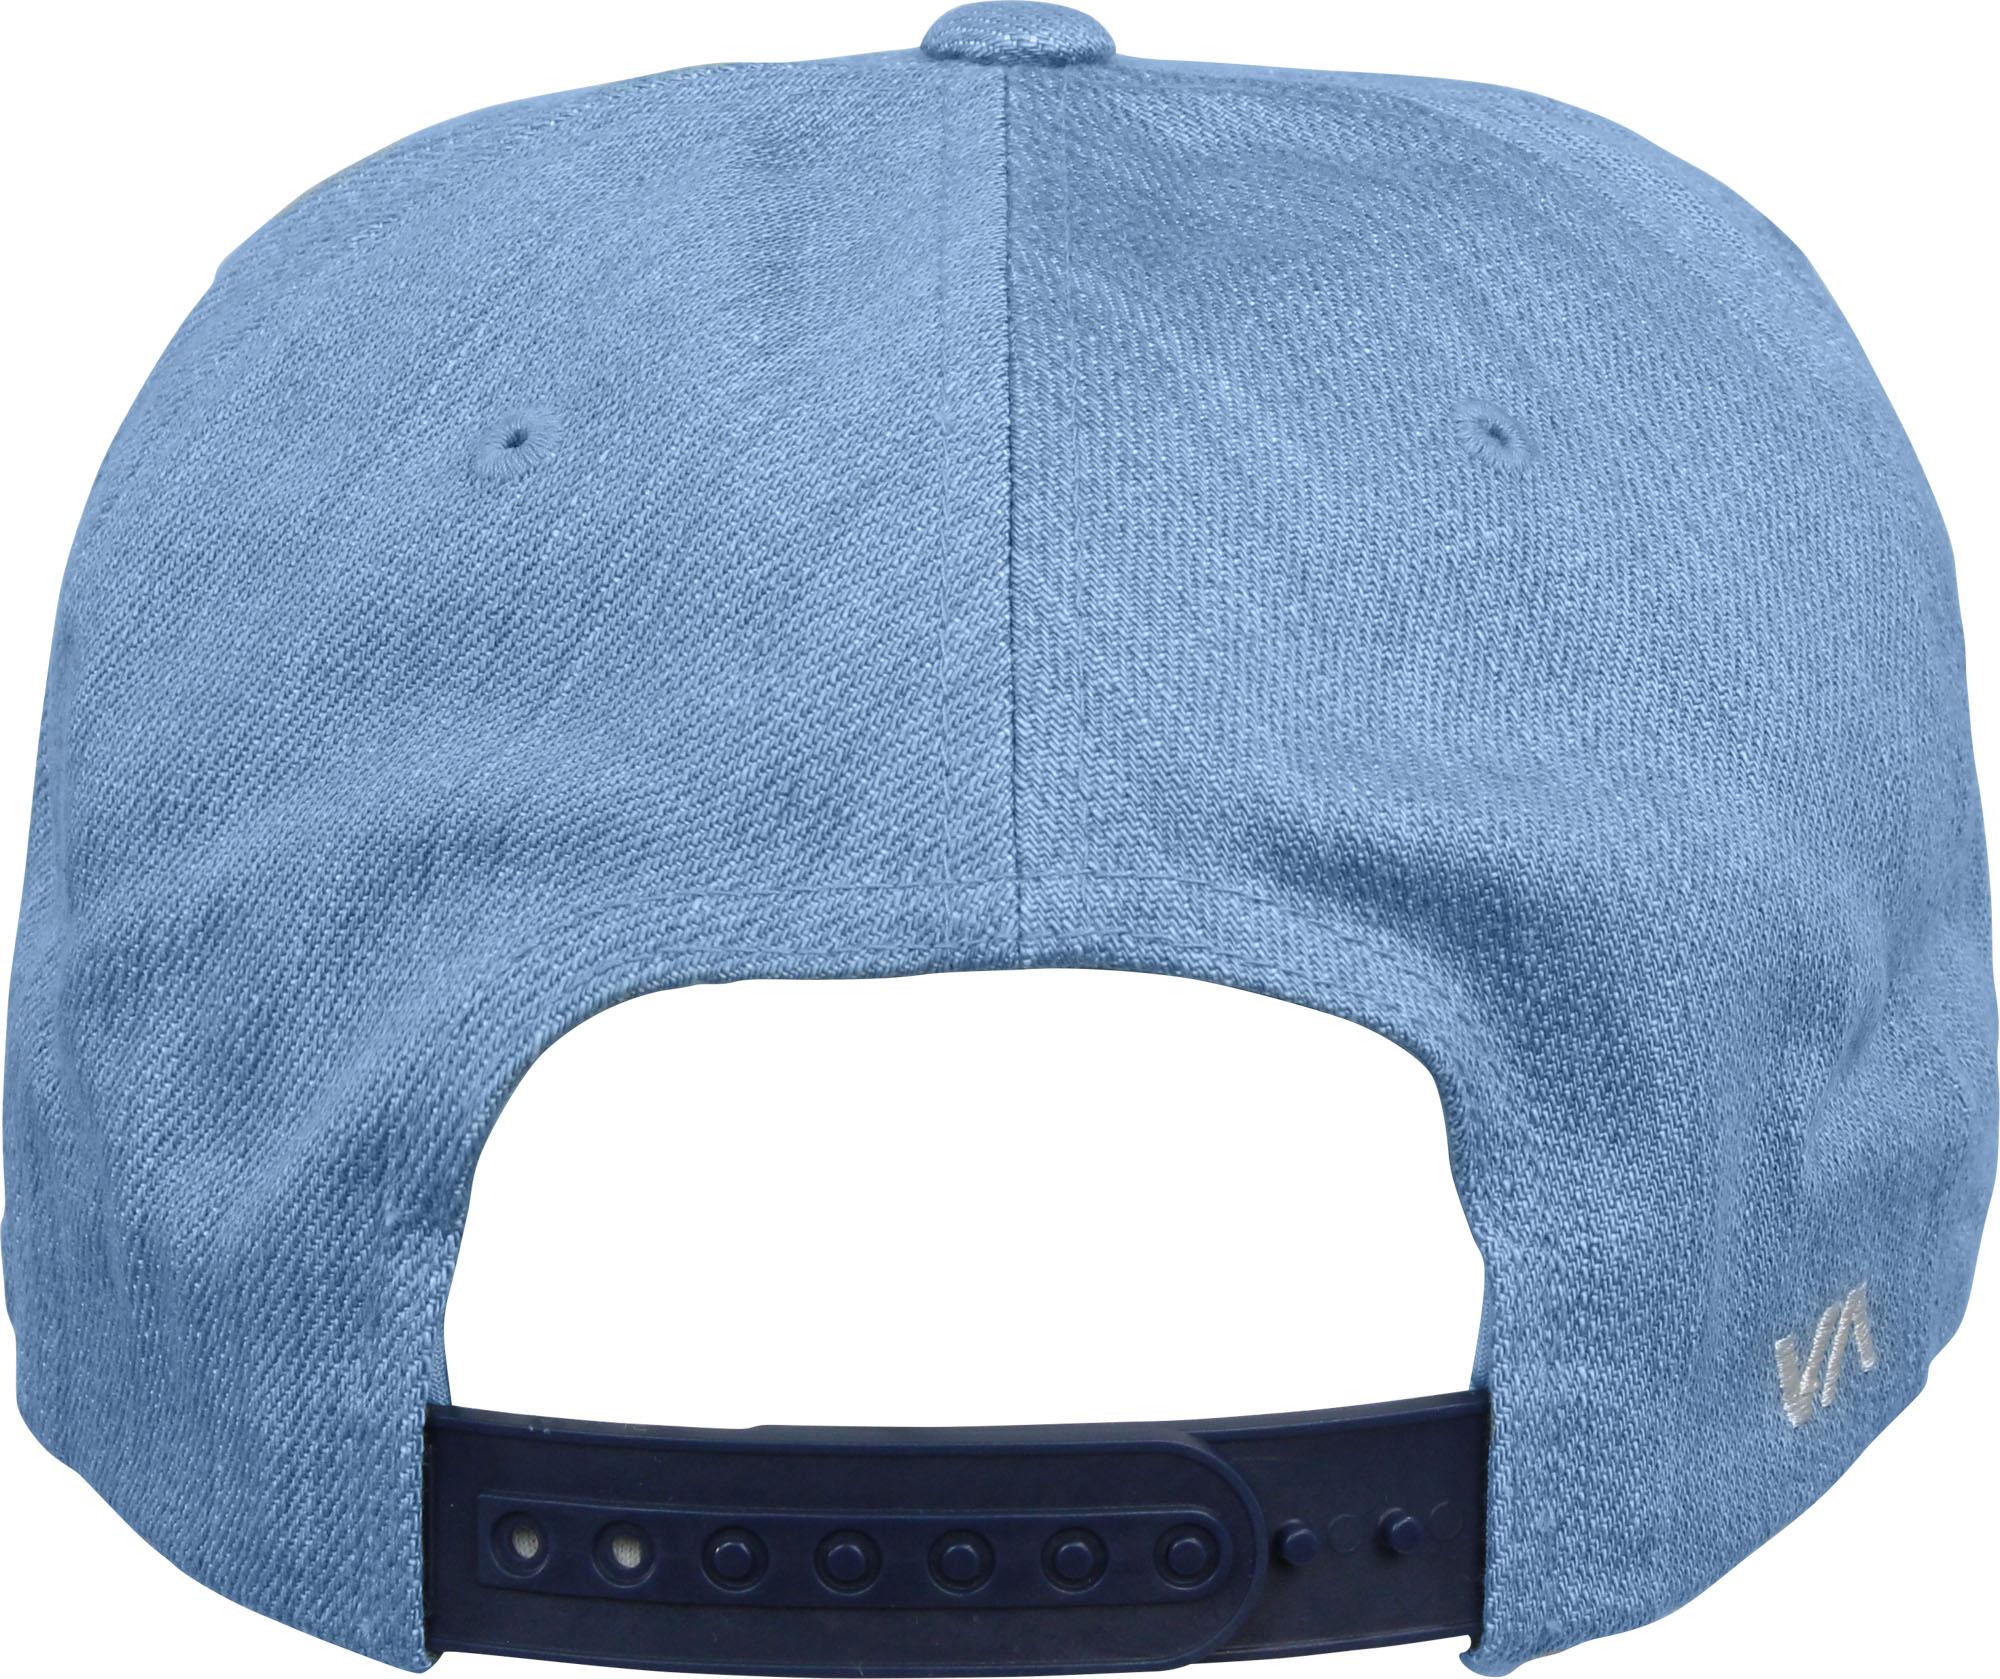 c62b5ffaf31 Details about RVCA Mens VA Sport Twill Snapback II Hat - Denim Blue